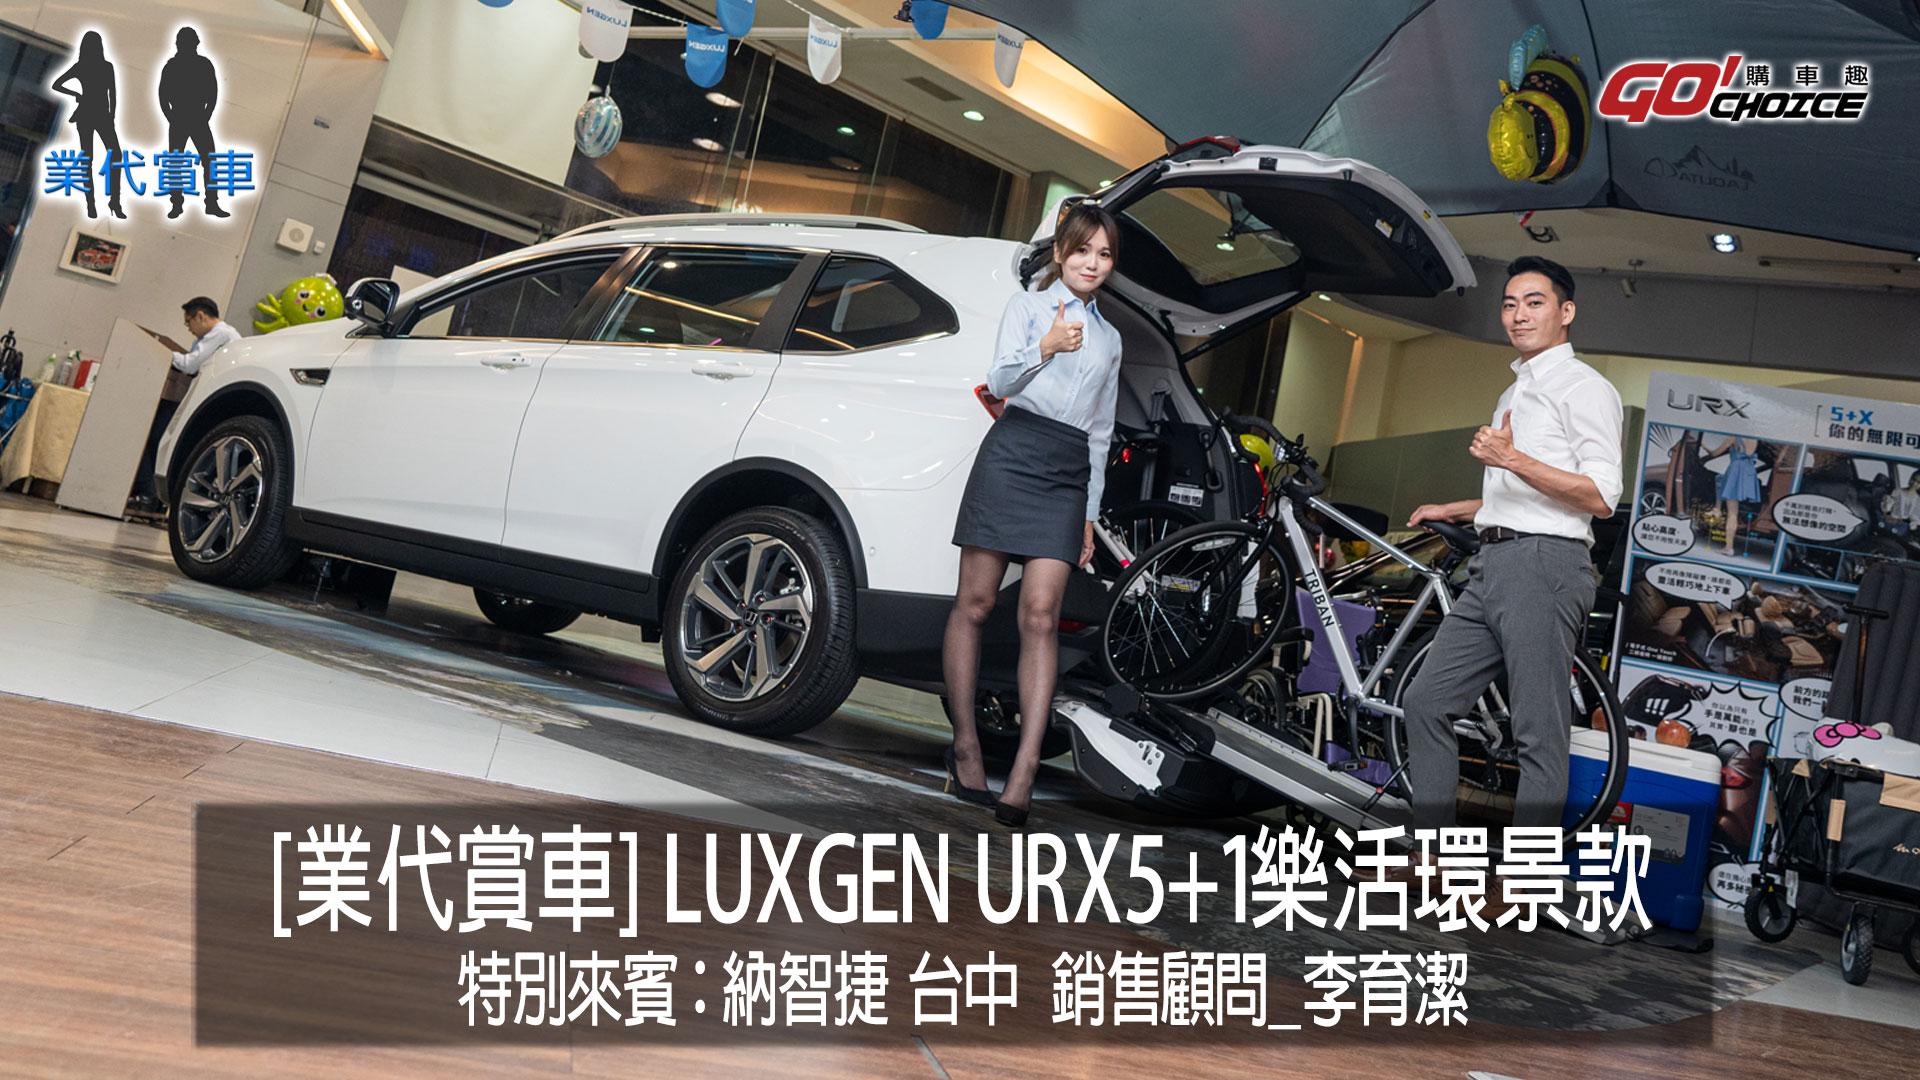 業代賞車-LUXGEN納智捷 URX5+1樂活環景款-銷售顧問 台中-李育潔